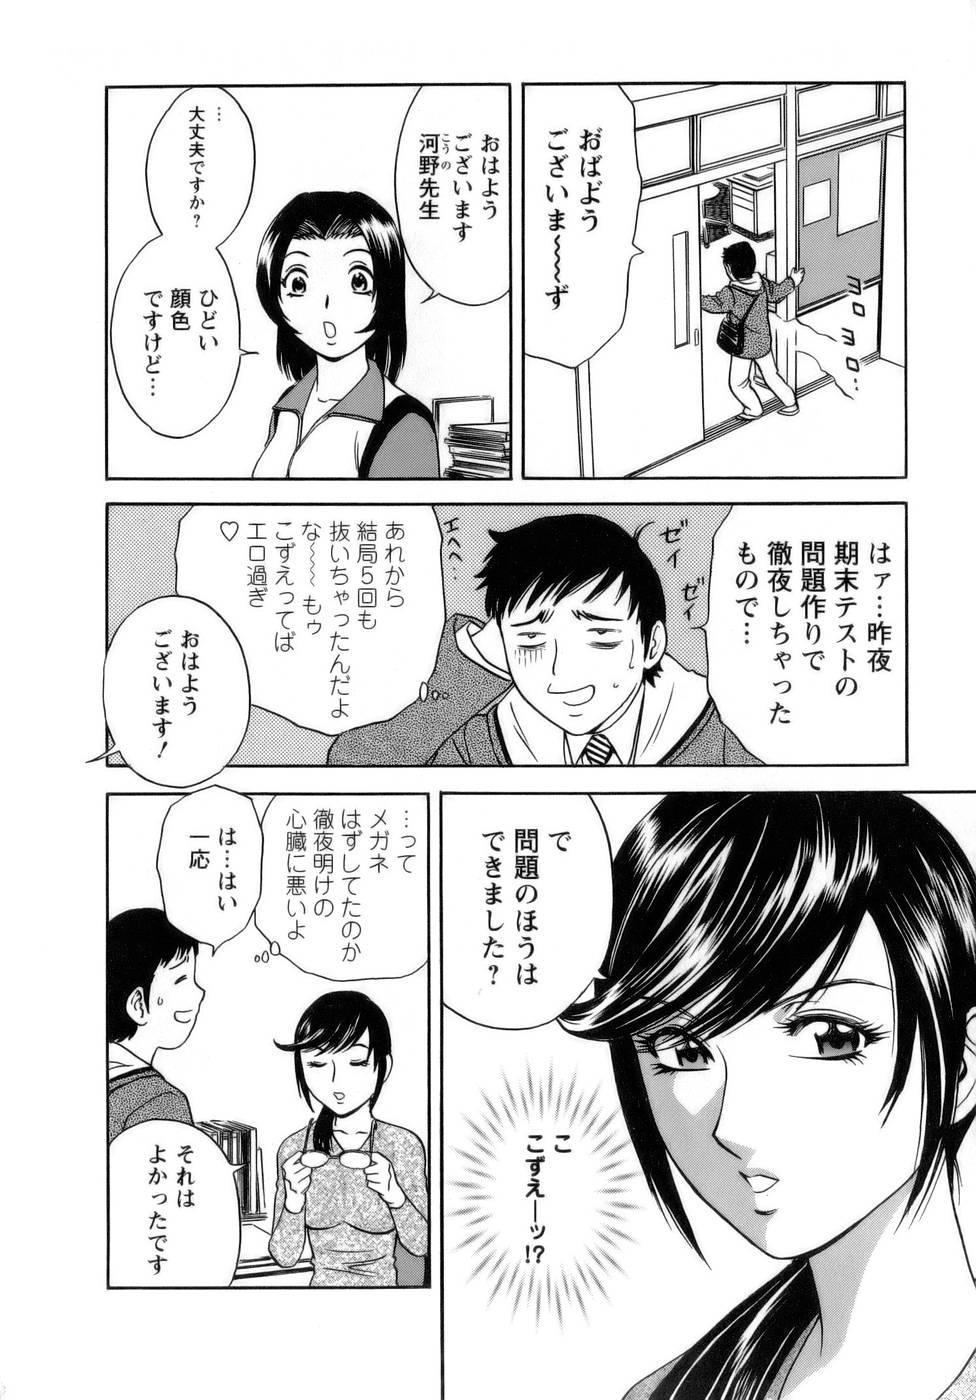 [Hidemaru] Mo-Retsu! Boin Sensei (Boing Boing Teacher) Vol.1 75